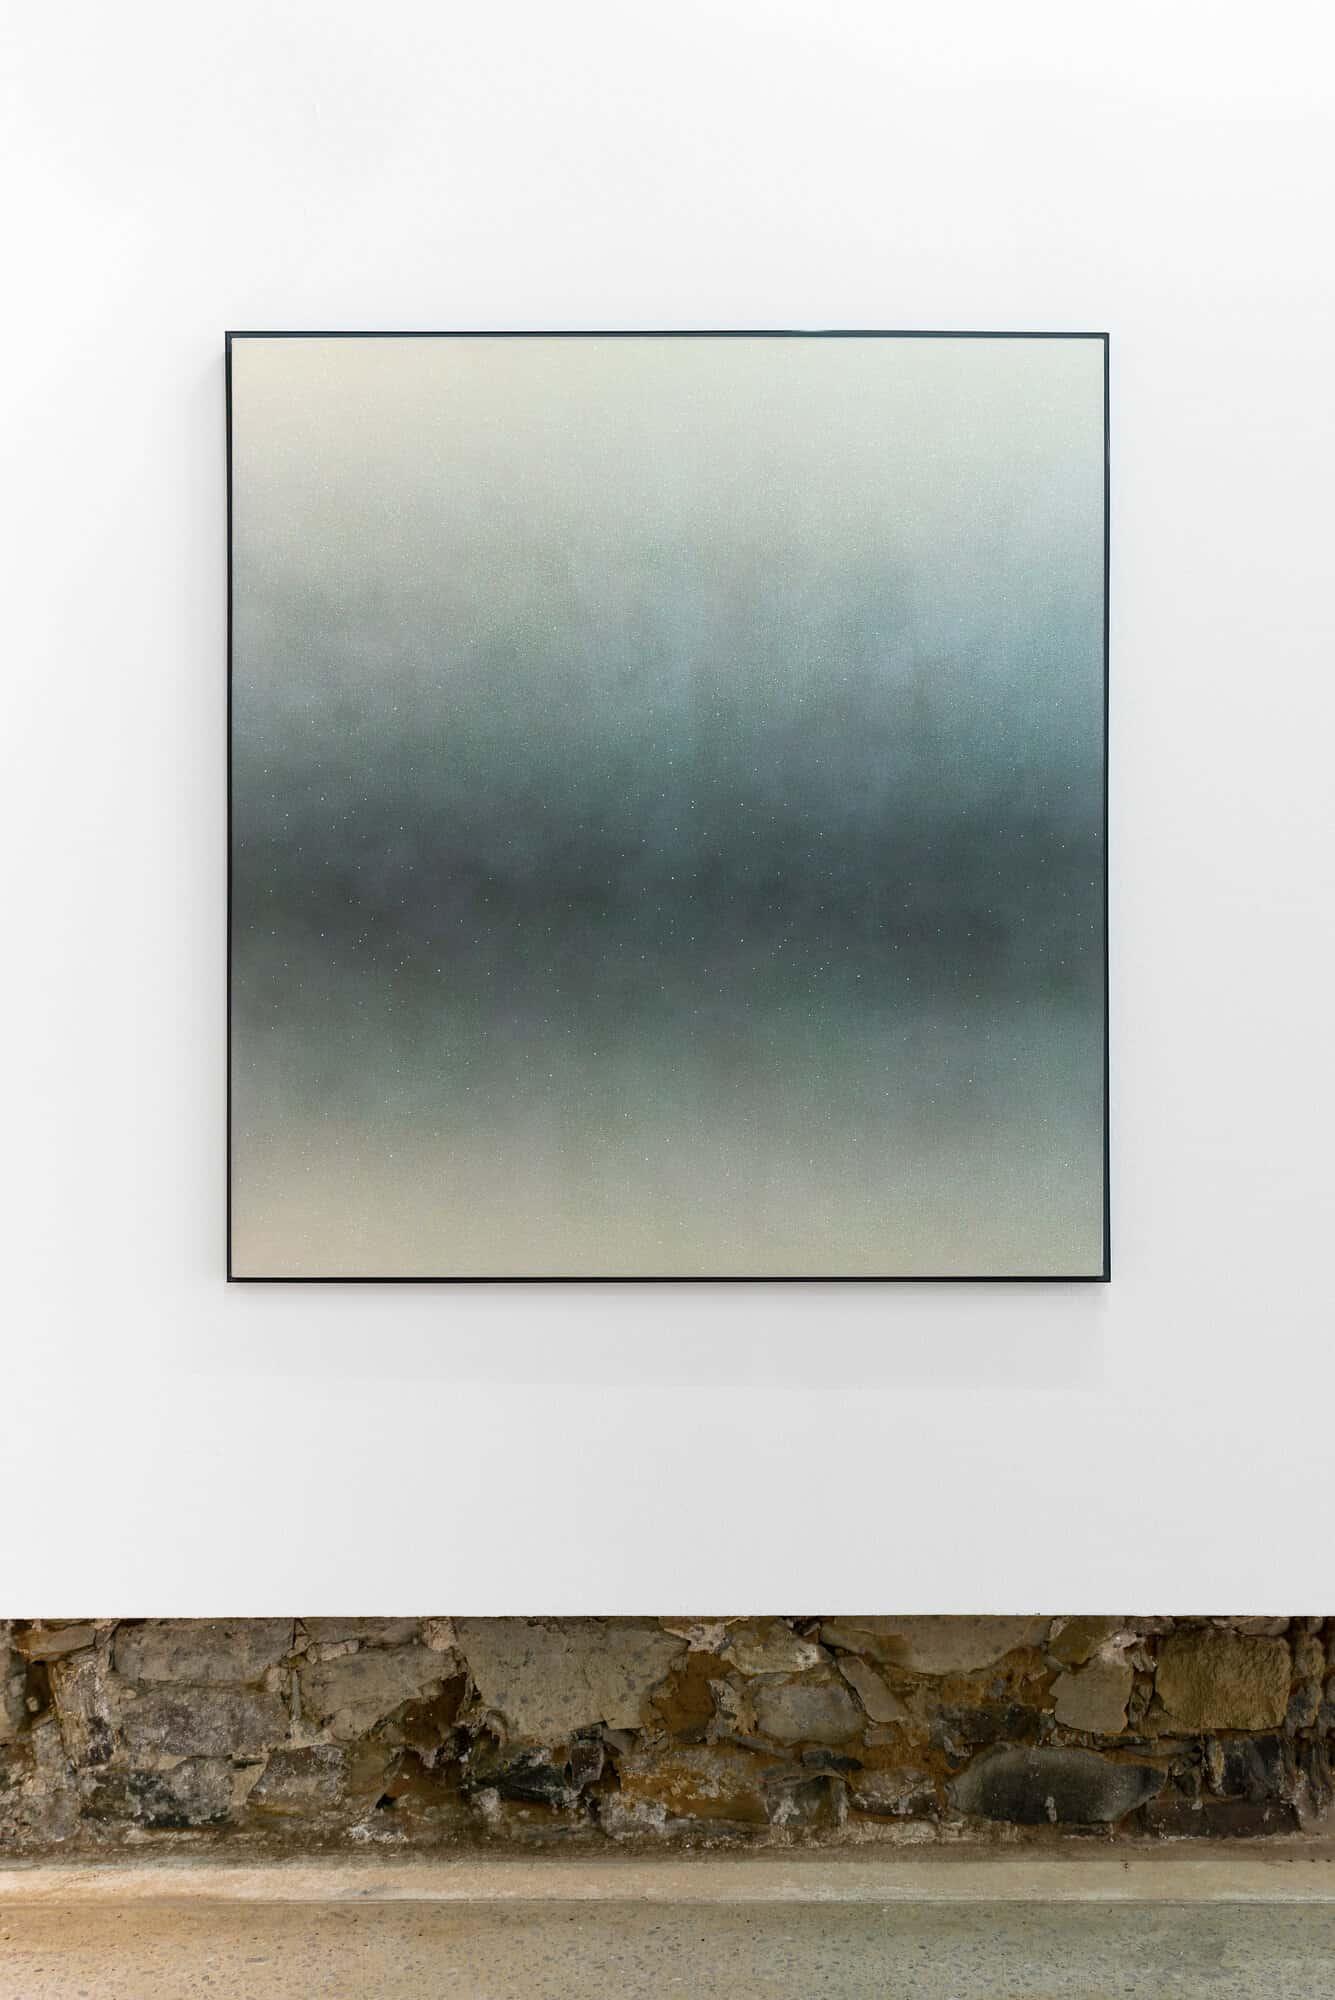 Eine Art Nacht in Ihrer Dunkelheit Färbt Ihre Augen mit dem, was nicht da ist, 2020. Autolack und Glitzerkleber auf Leinwand, 132 x 122 cm.